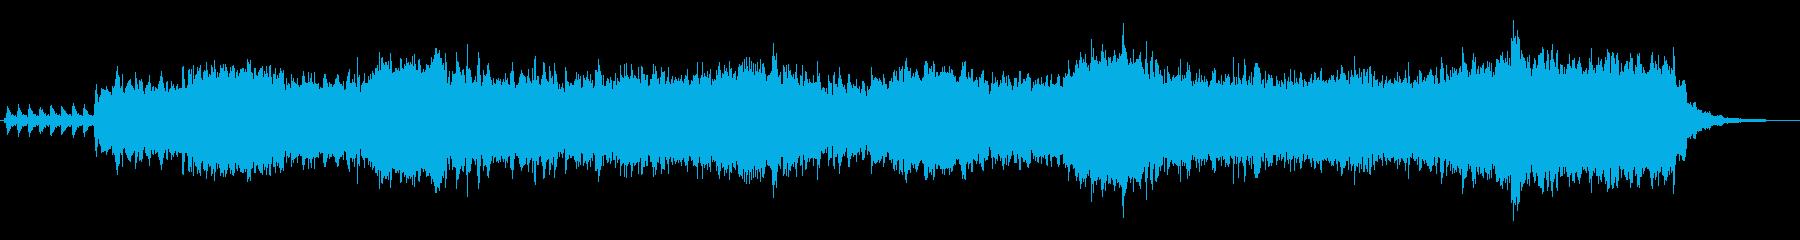 クリスマス風のスレイベルジングルの再生済みの波形